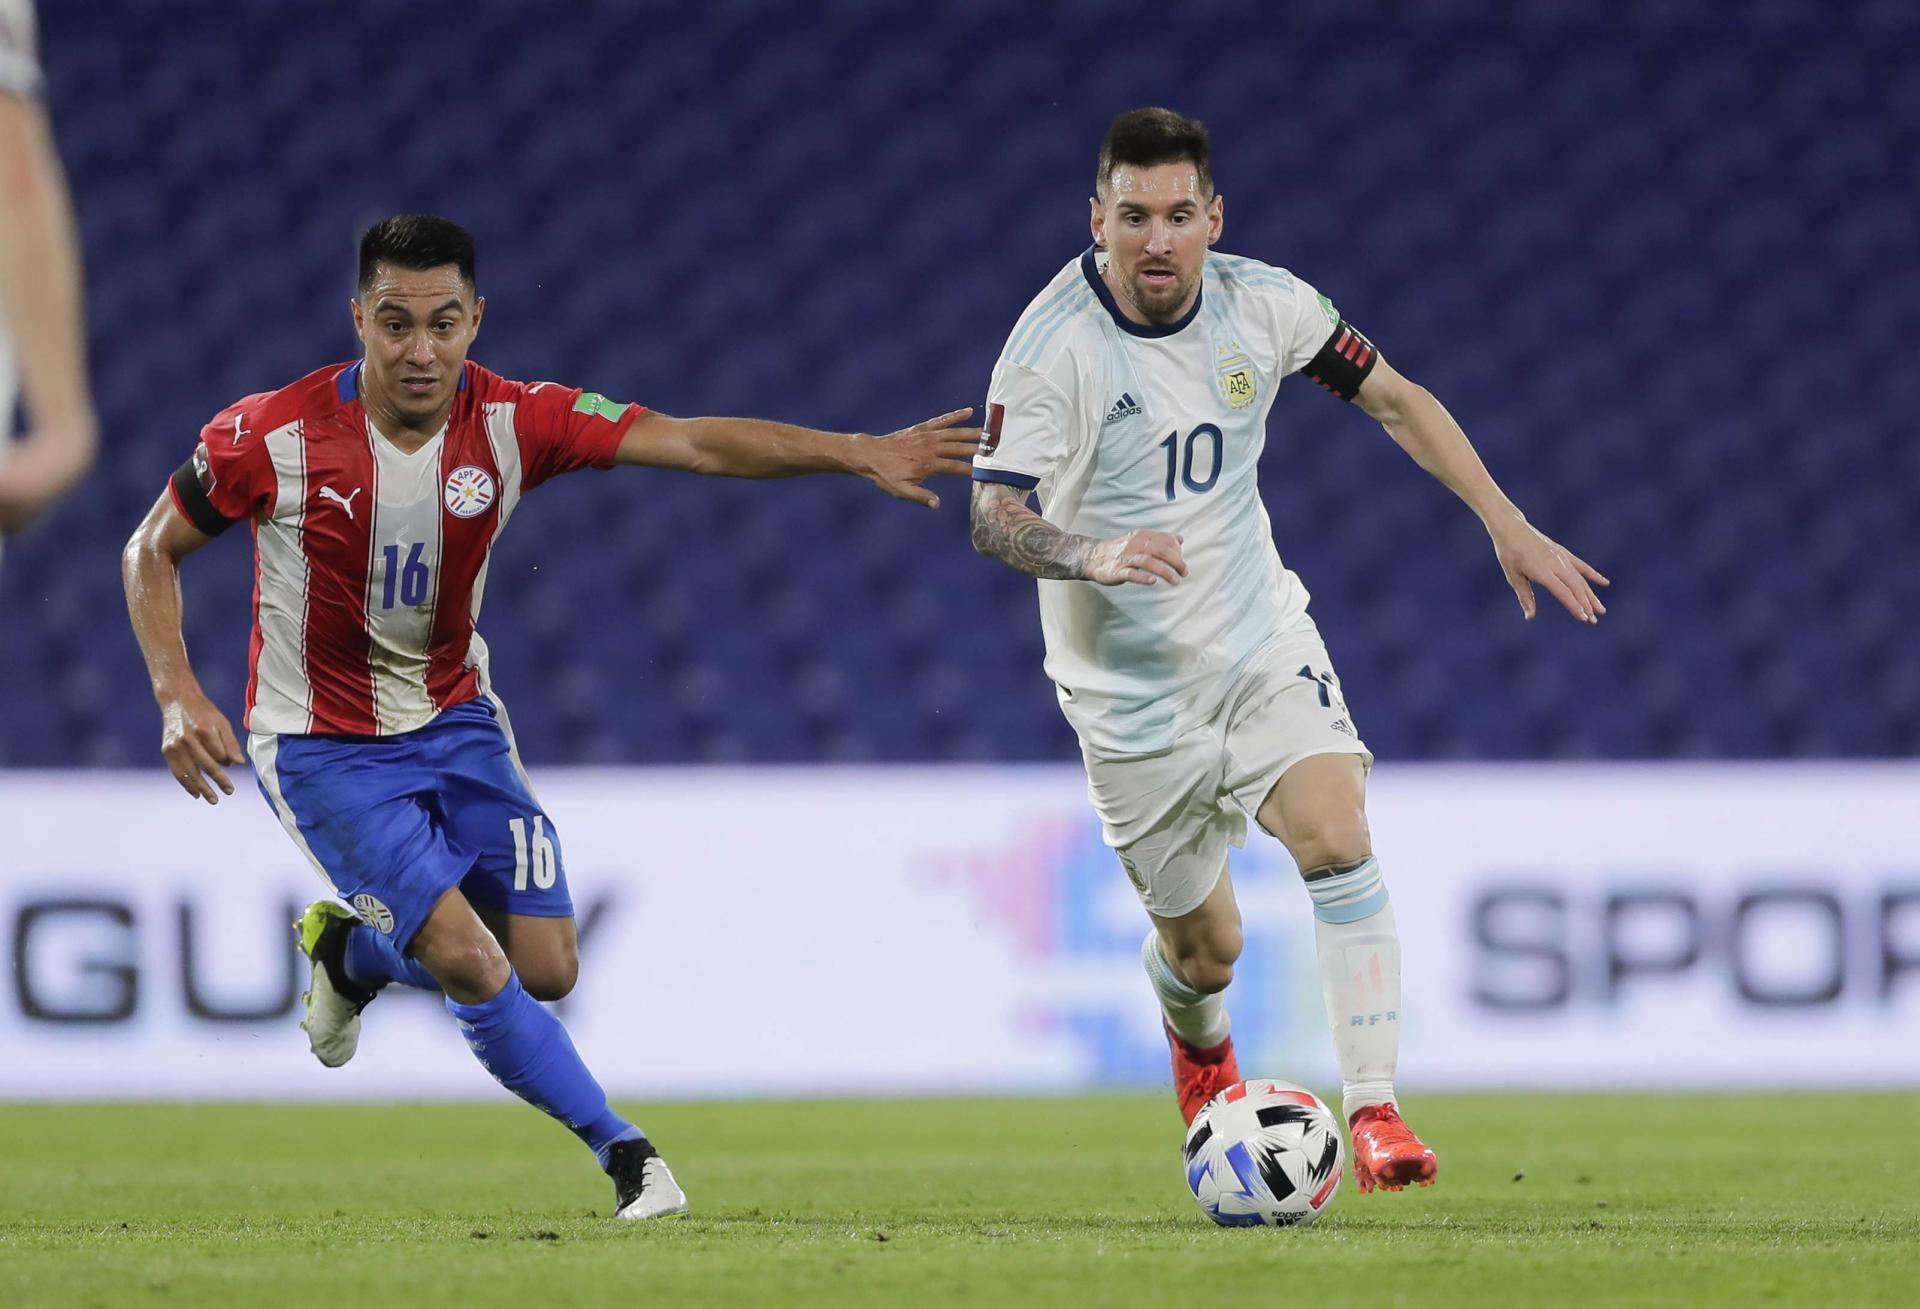 الأرجنتين تتعادل مع باراجواي بهدف لكل منهما في تصفيات كأس العالم